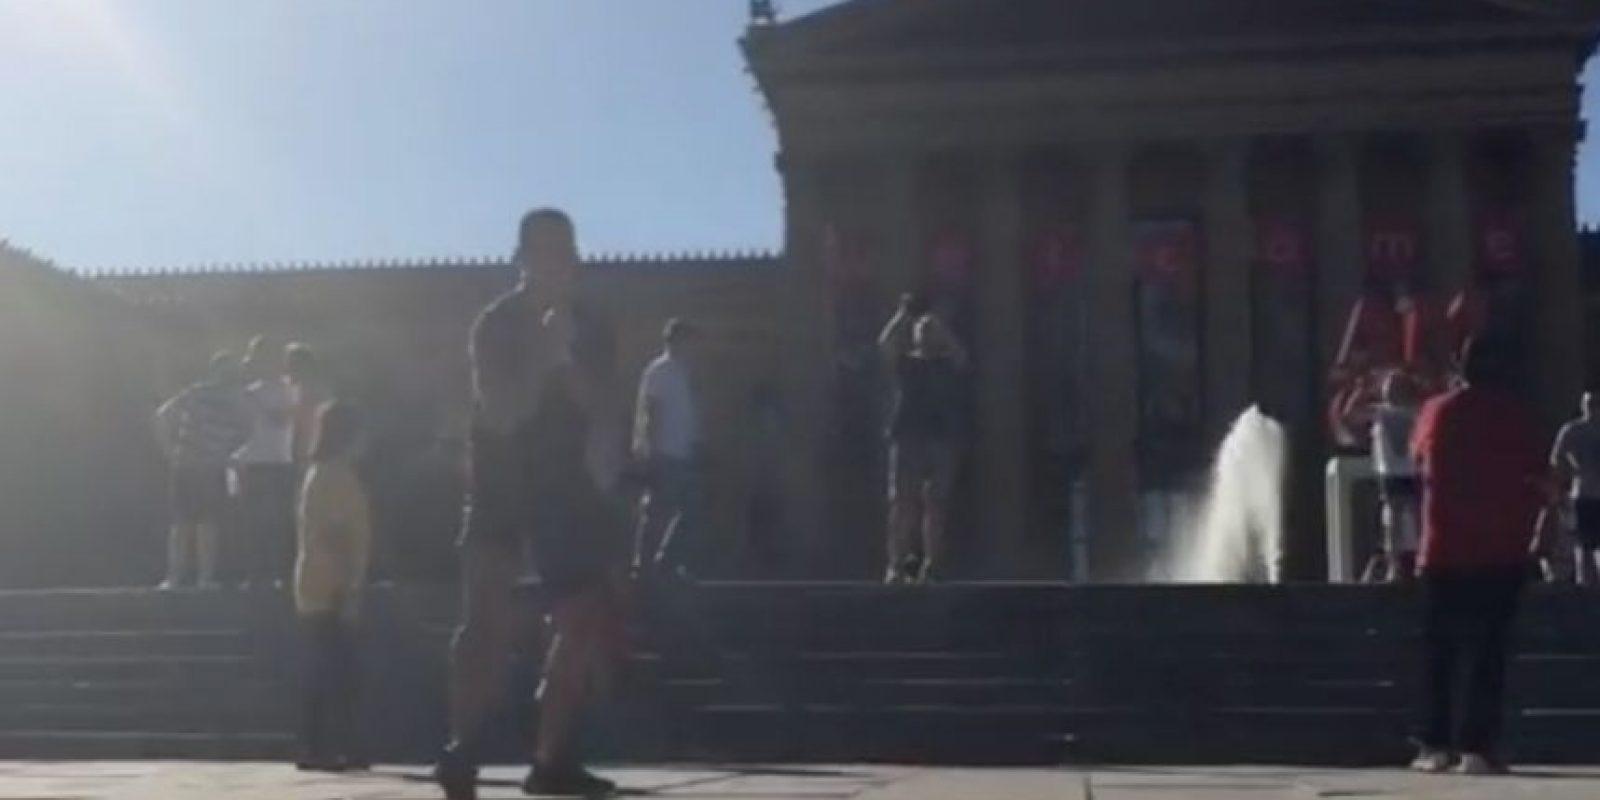 Alexis le mandó un mensaje a sus críticos y ya se prepara para enfrentar a México Foto:Captura de pantalla Instagram Alexis Sánchez